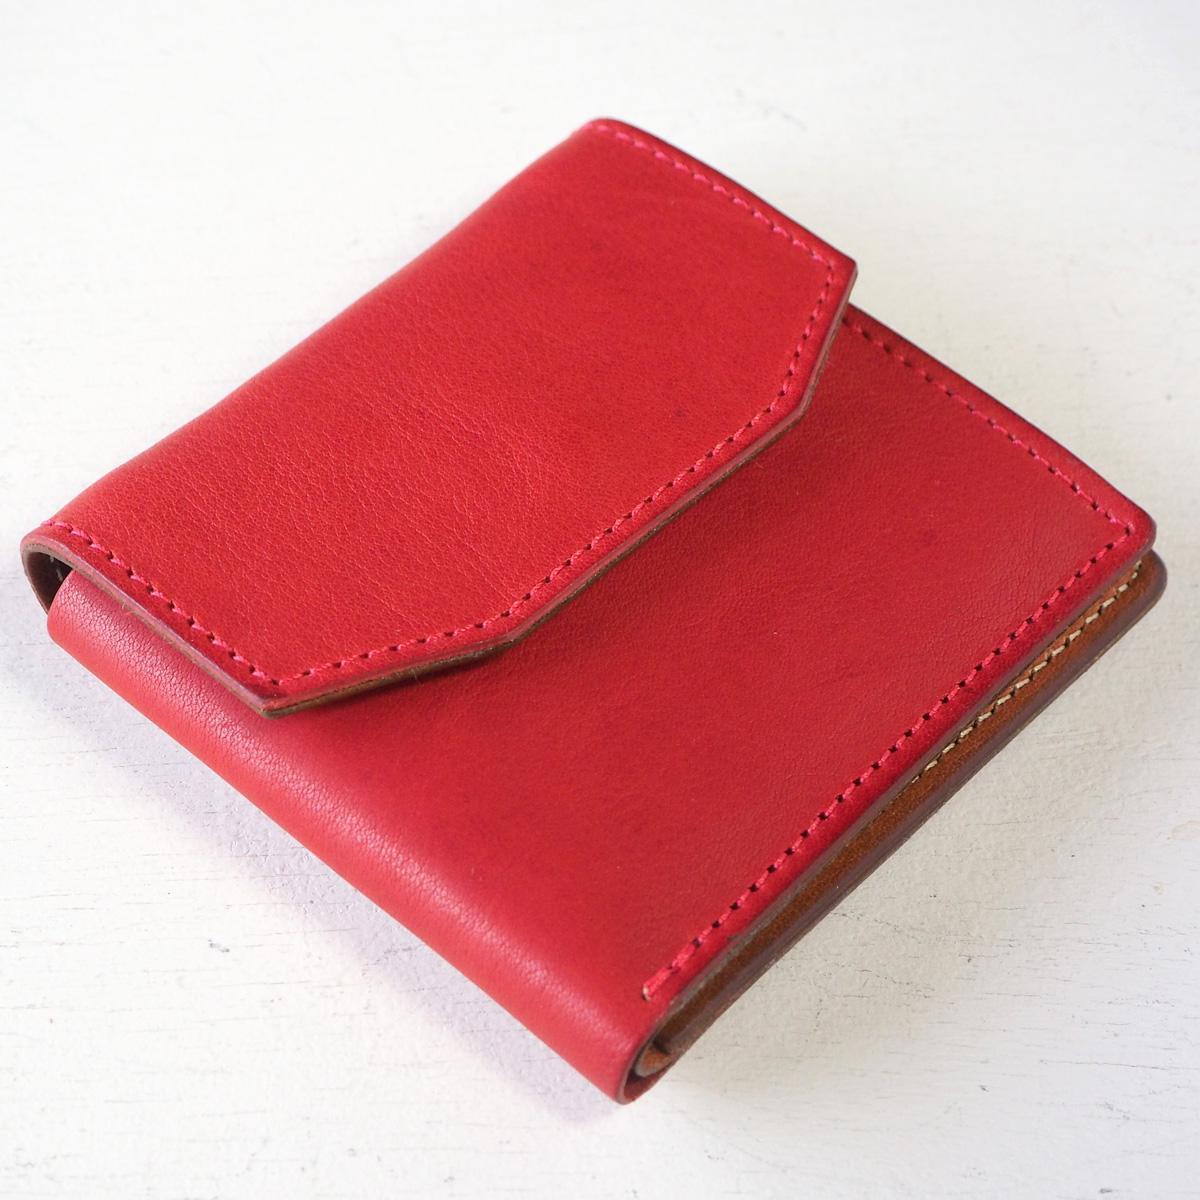 ANNAK(アナック) 栃木レザー コンパクト二つ折り ギャルソンウォレット オールレザー レッド [AK16TA-B0054-RED] 2つ折り財布 レザーウォレット 革財布 革製品 革小物